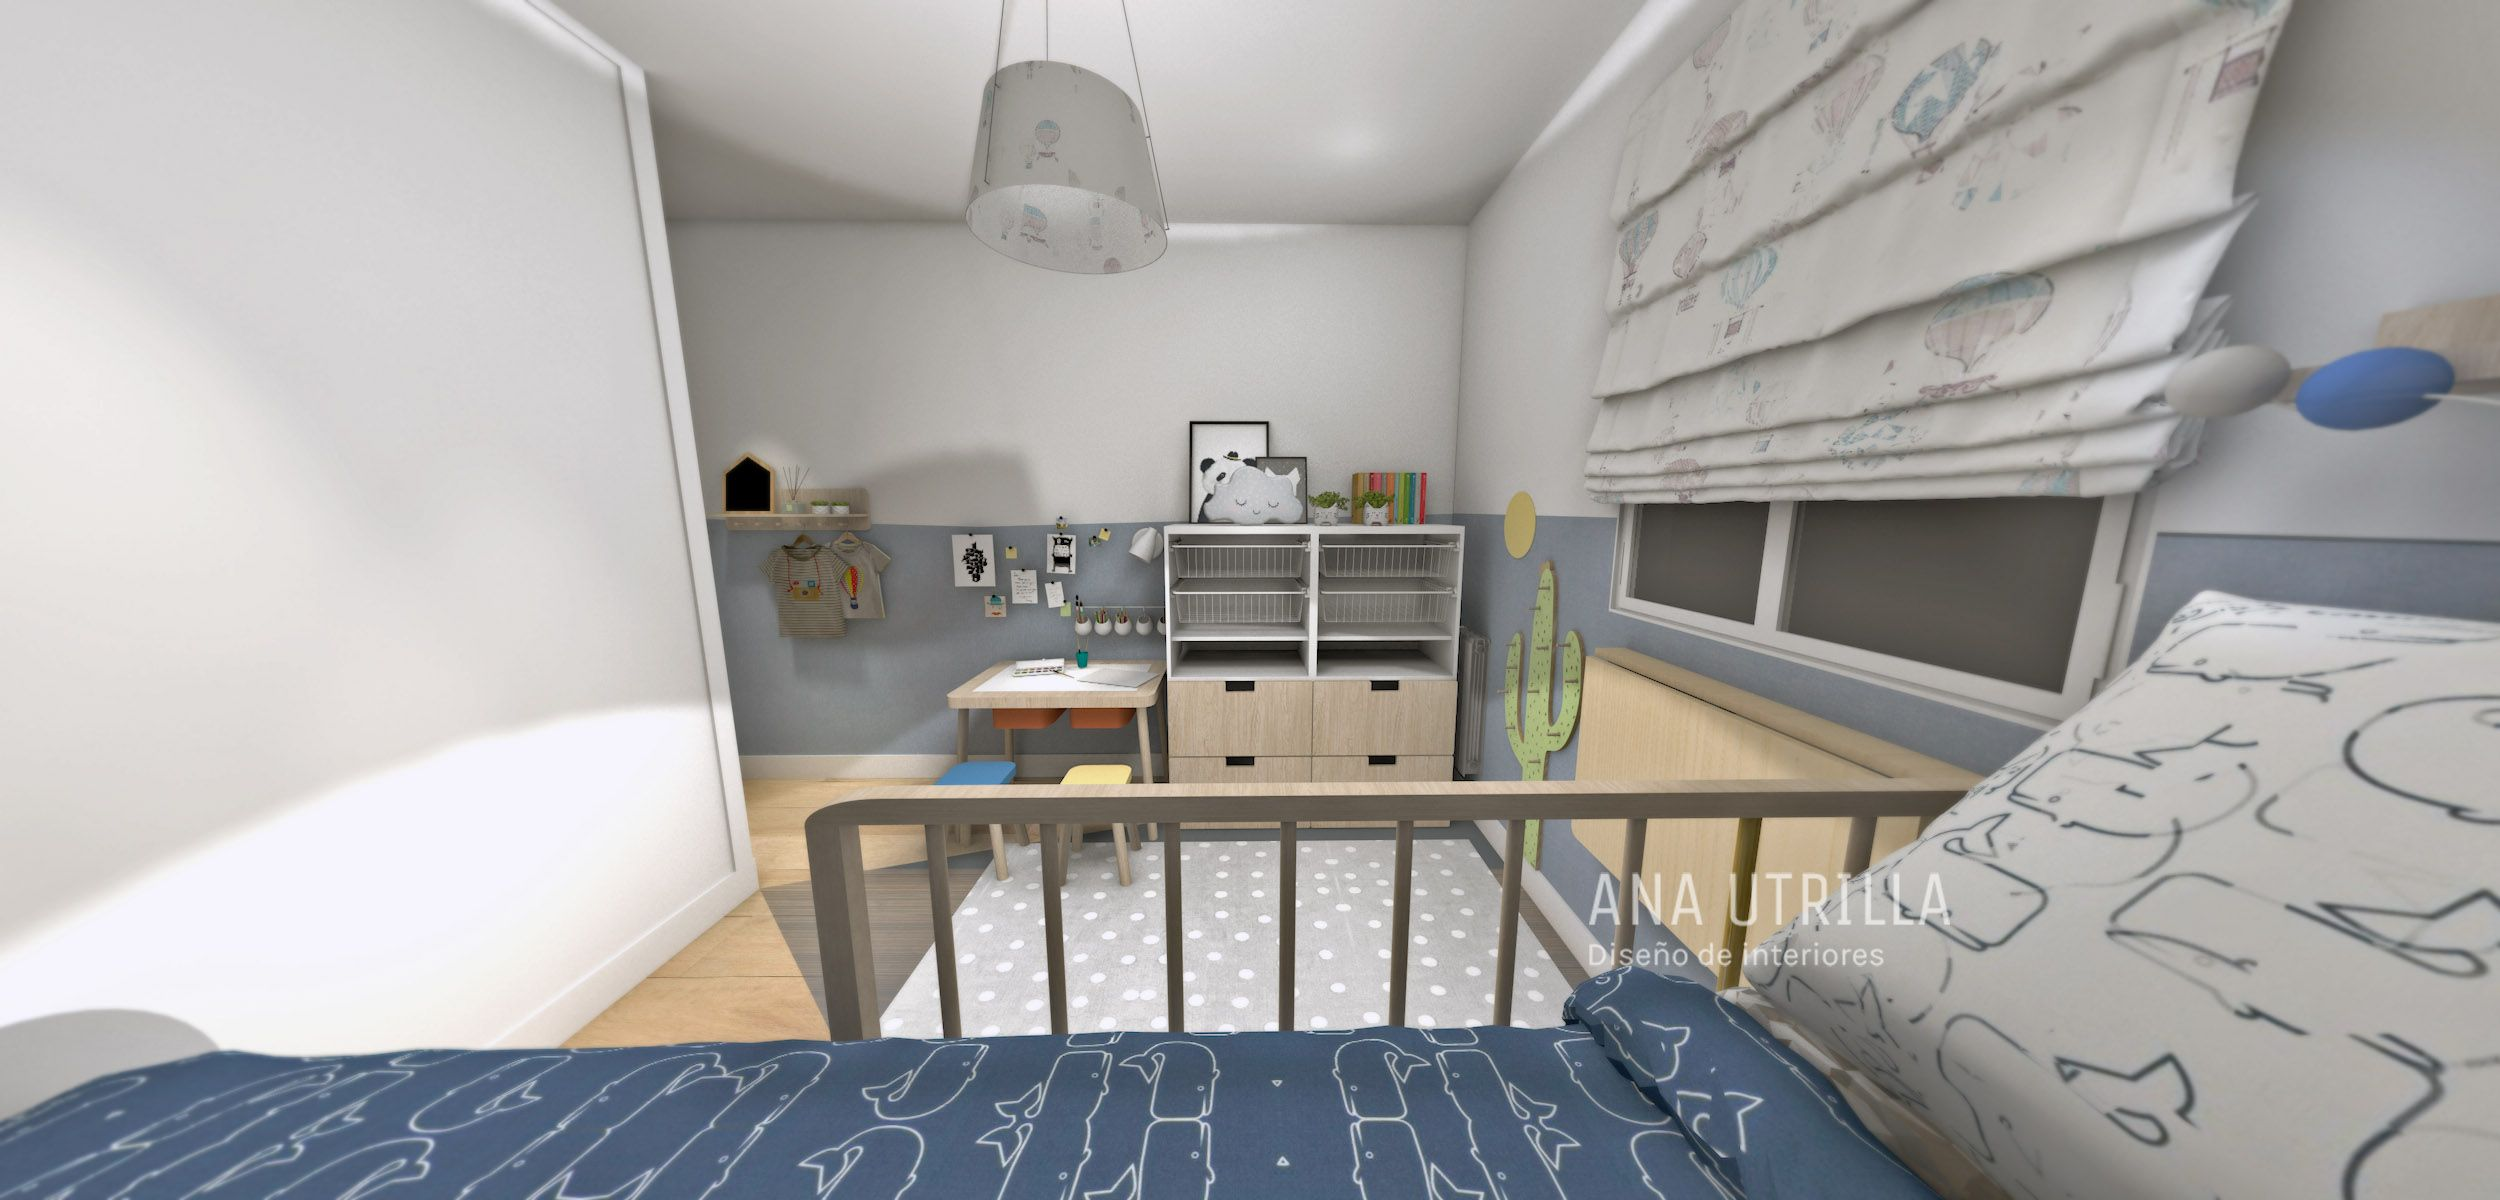 Proyecto decoración de interiores de habitación infantil en Madrid de estilo Nórdico por @Utrillanais